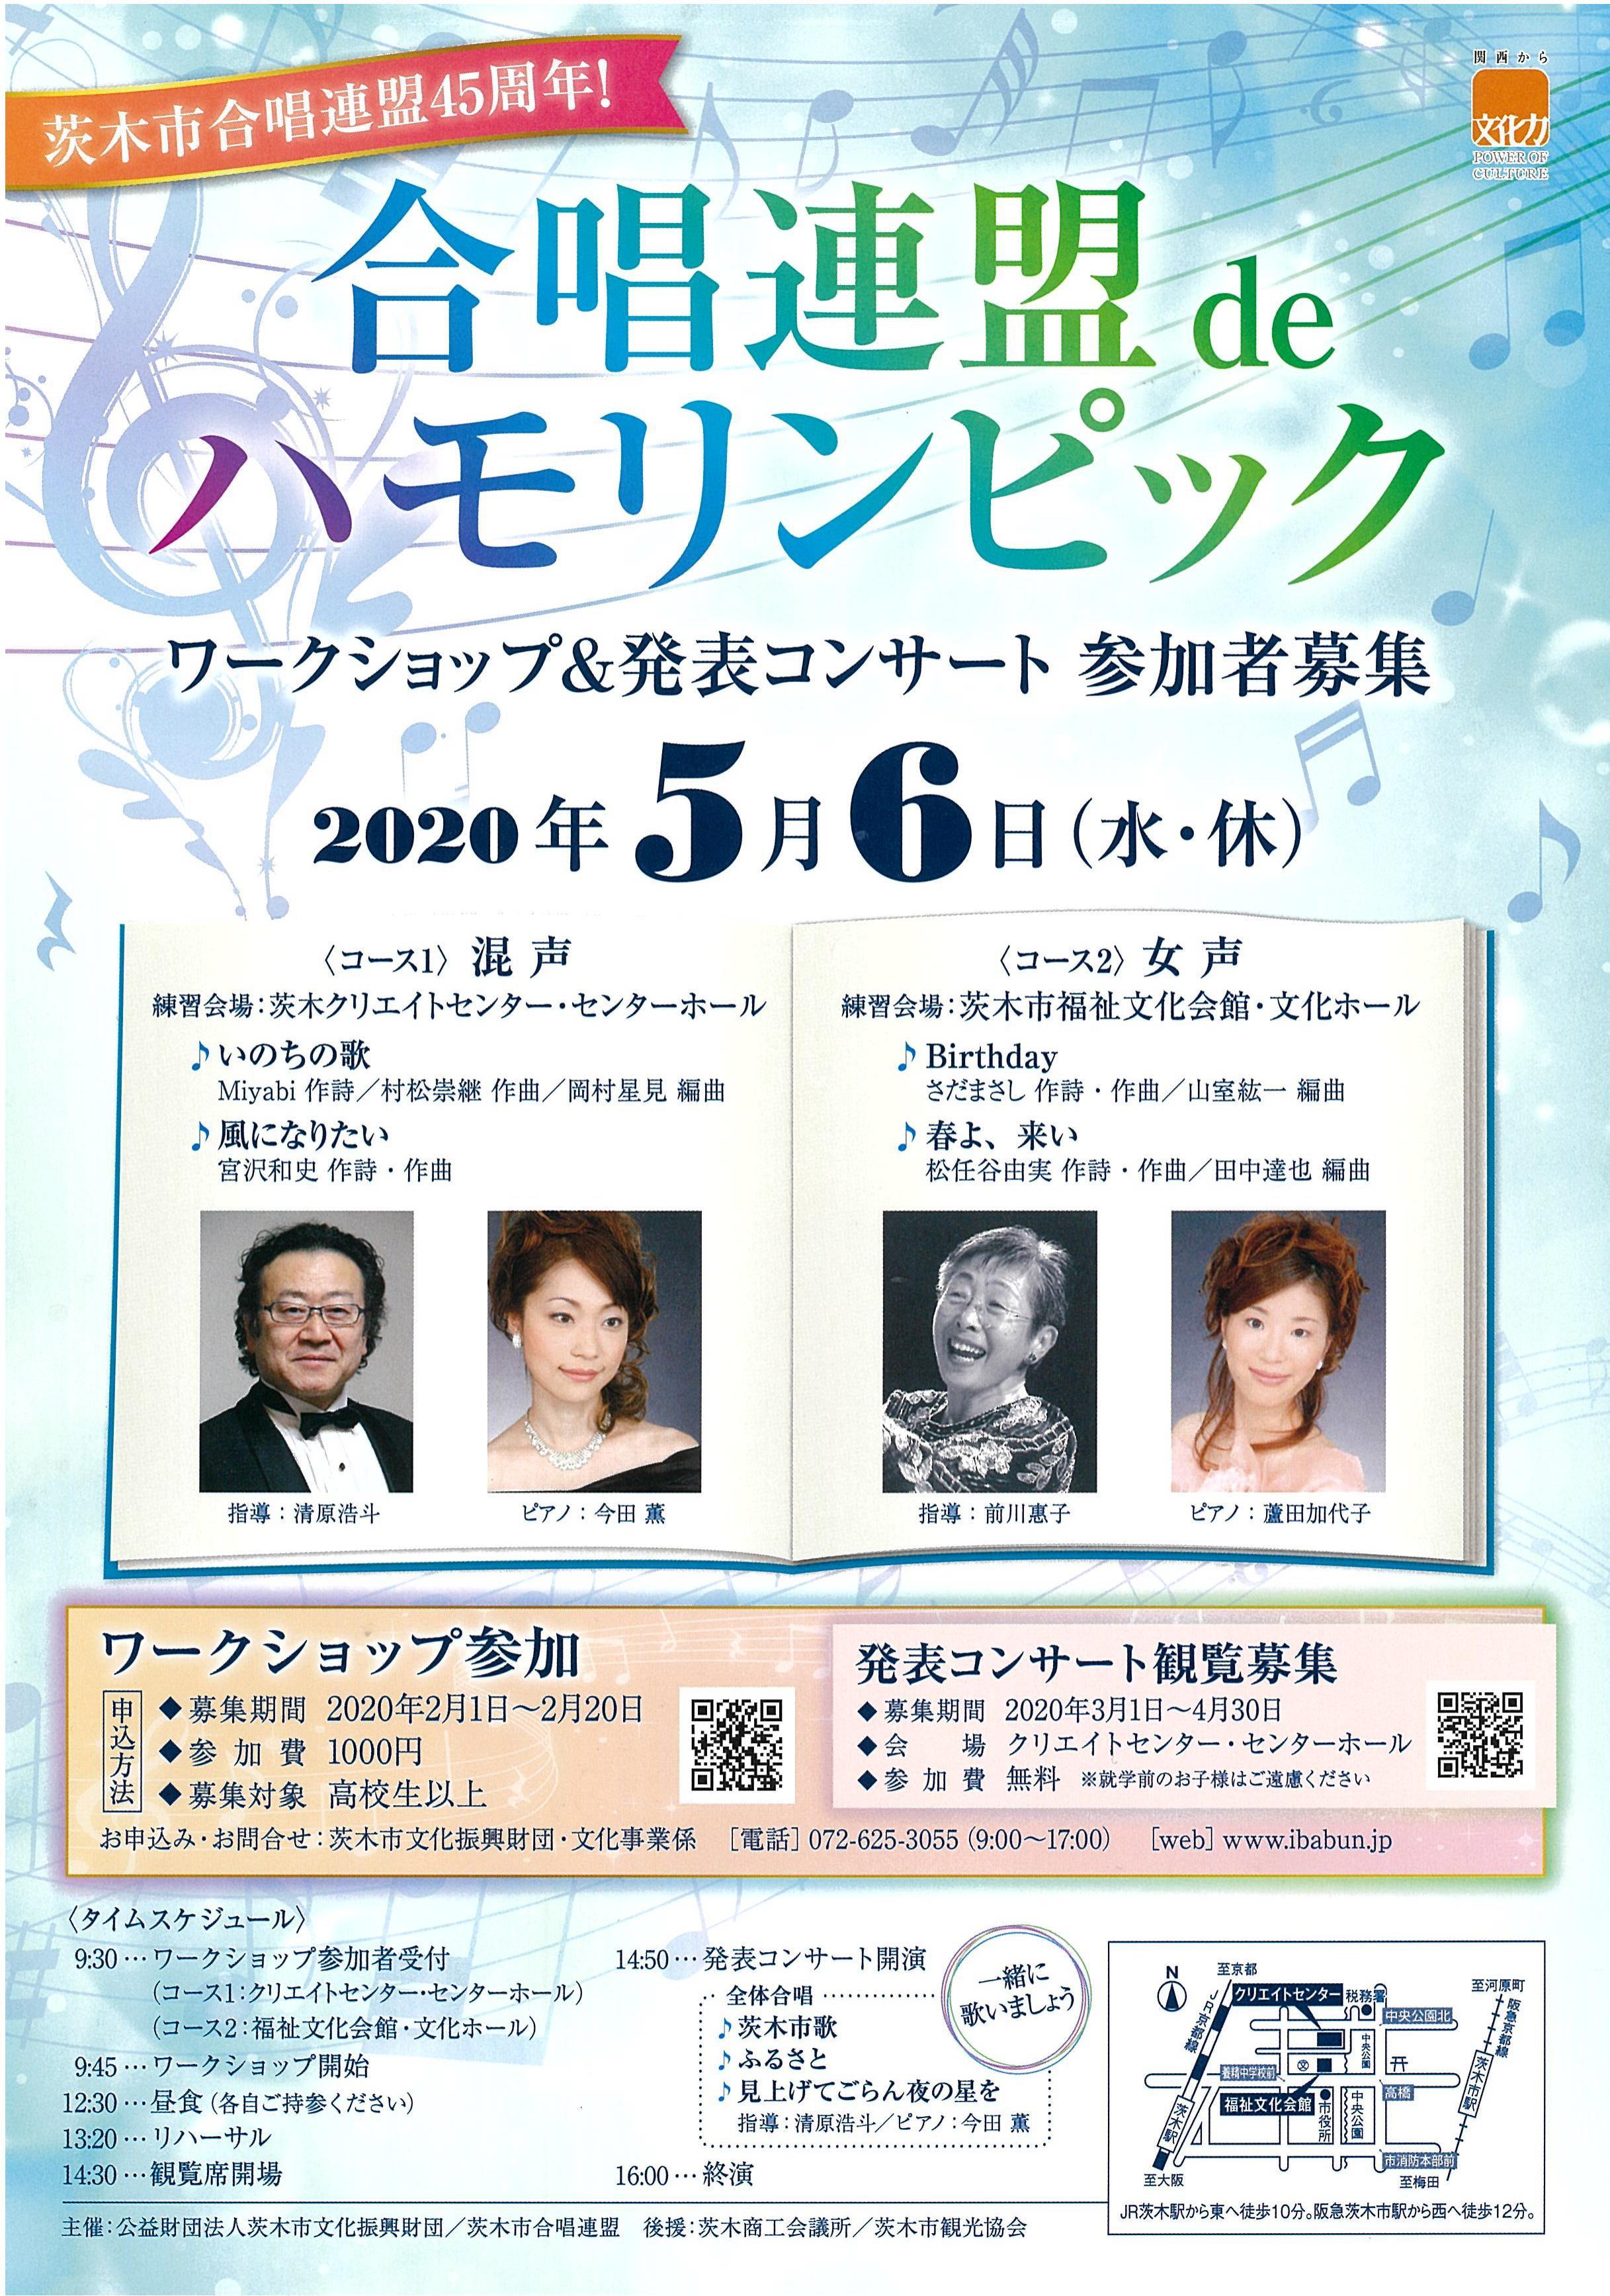 【中止】振替公演・合唱連盟 de ハモリンピック2020